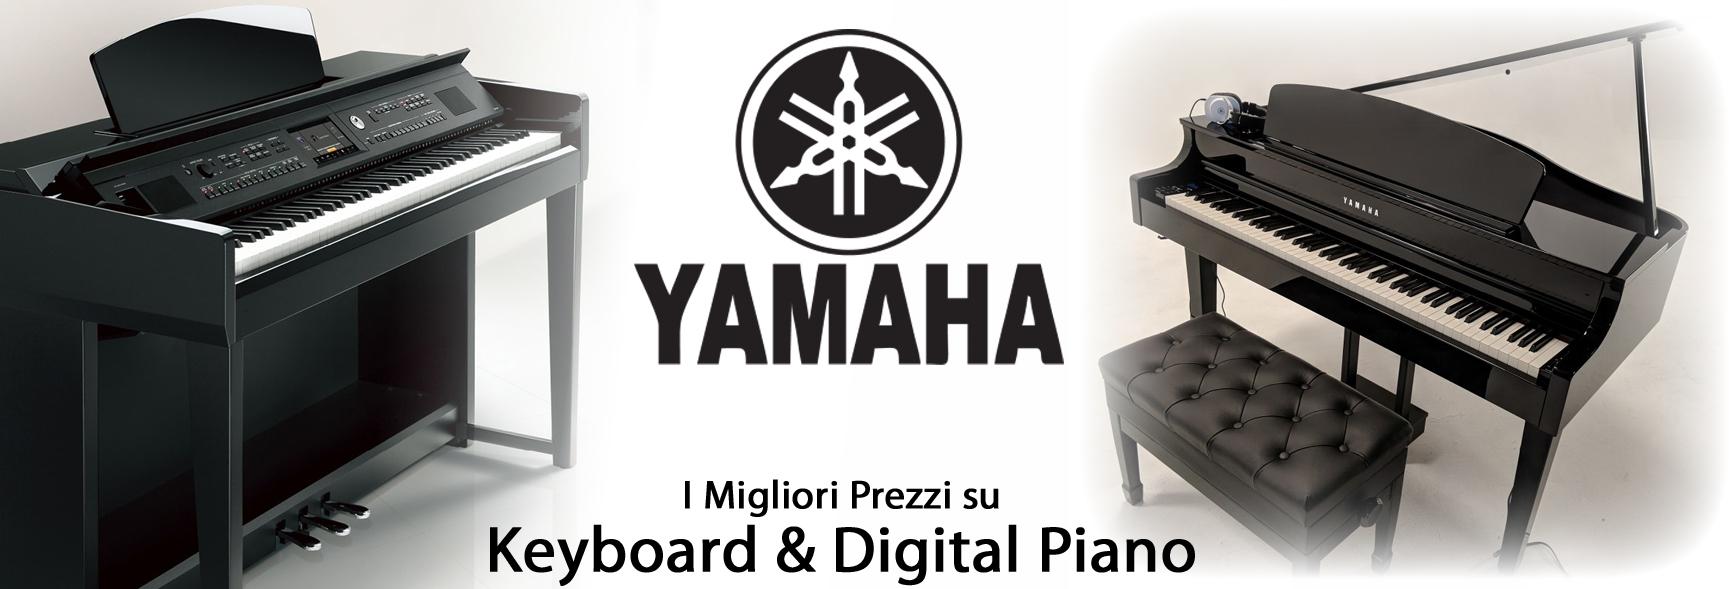 Clicca per vedere tutti i modelli e disponibilità dei Pianoforti Digitali del marchio YAMAHA